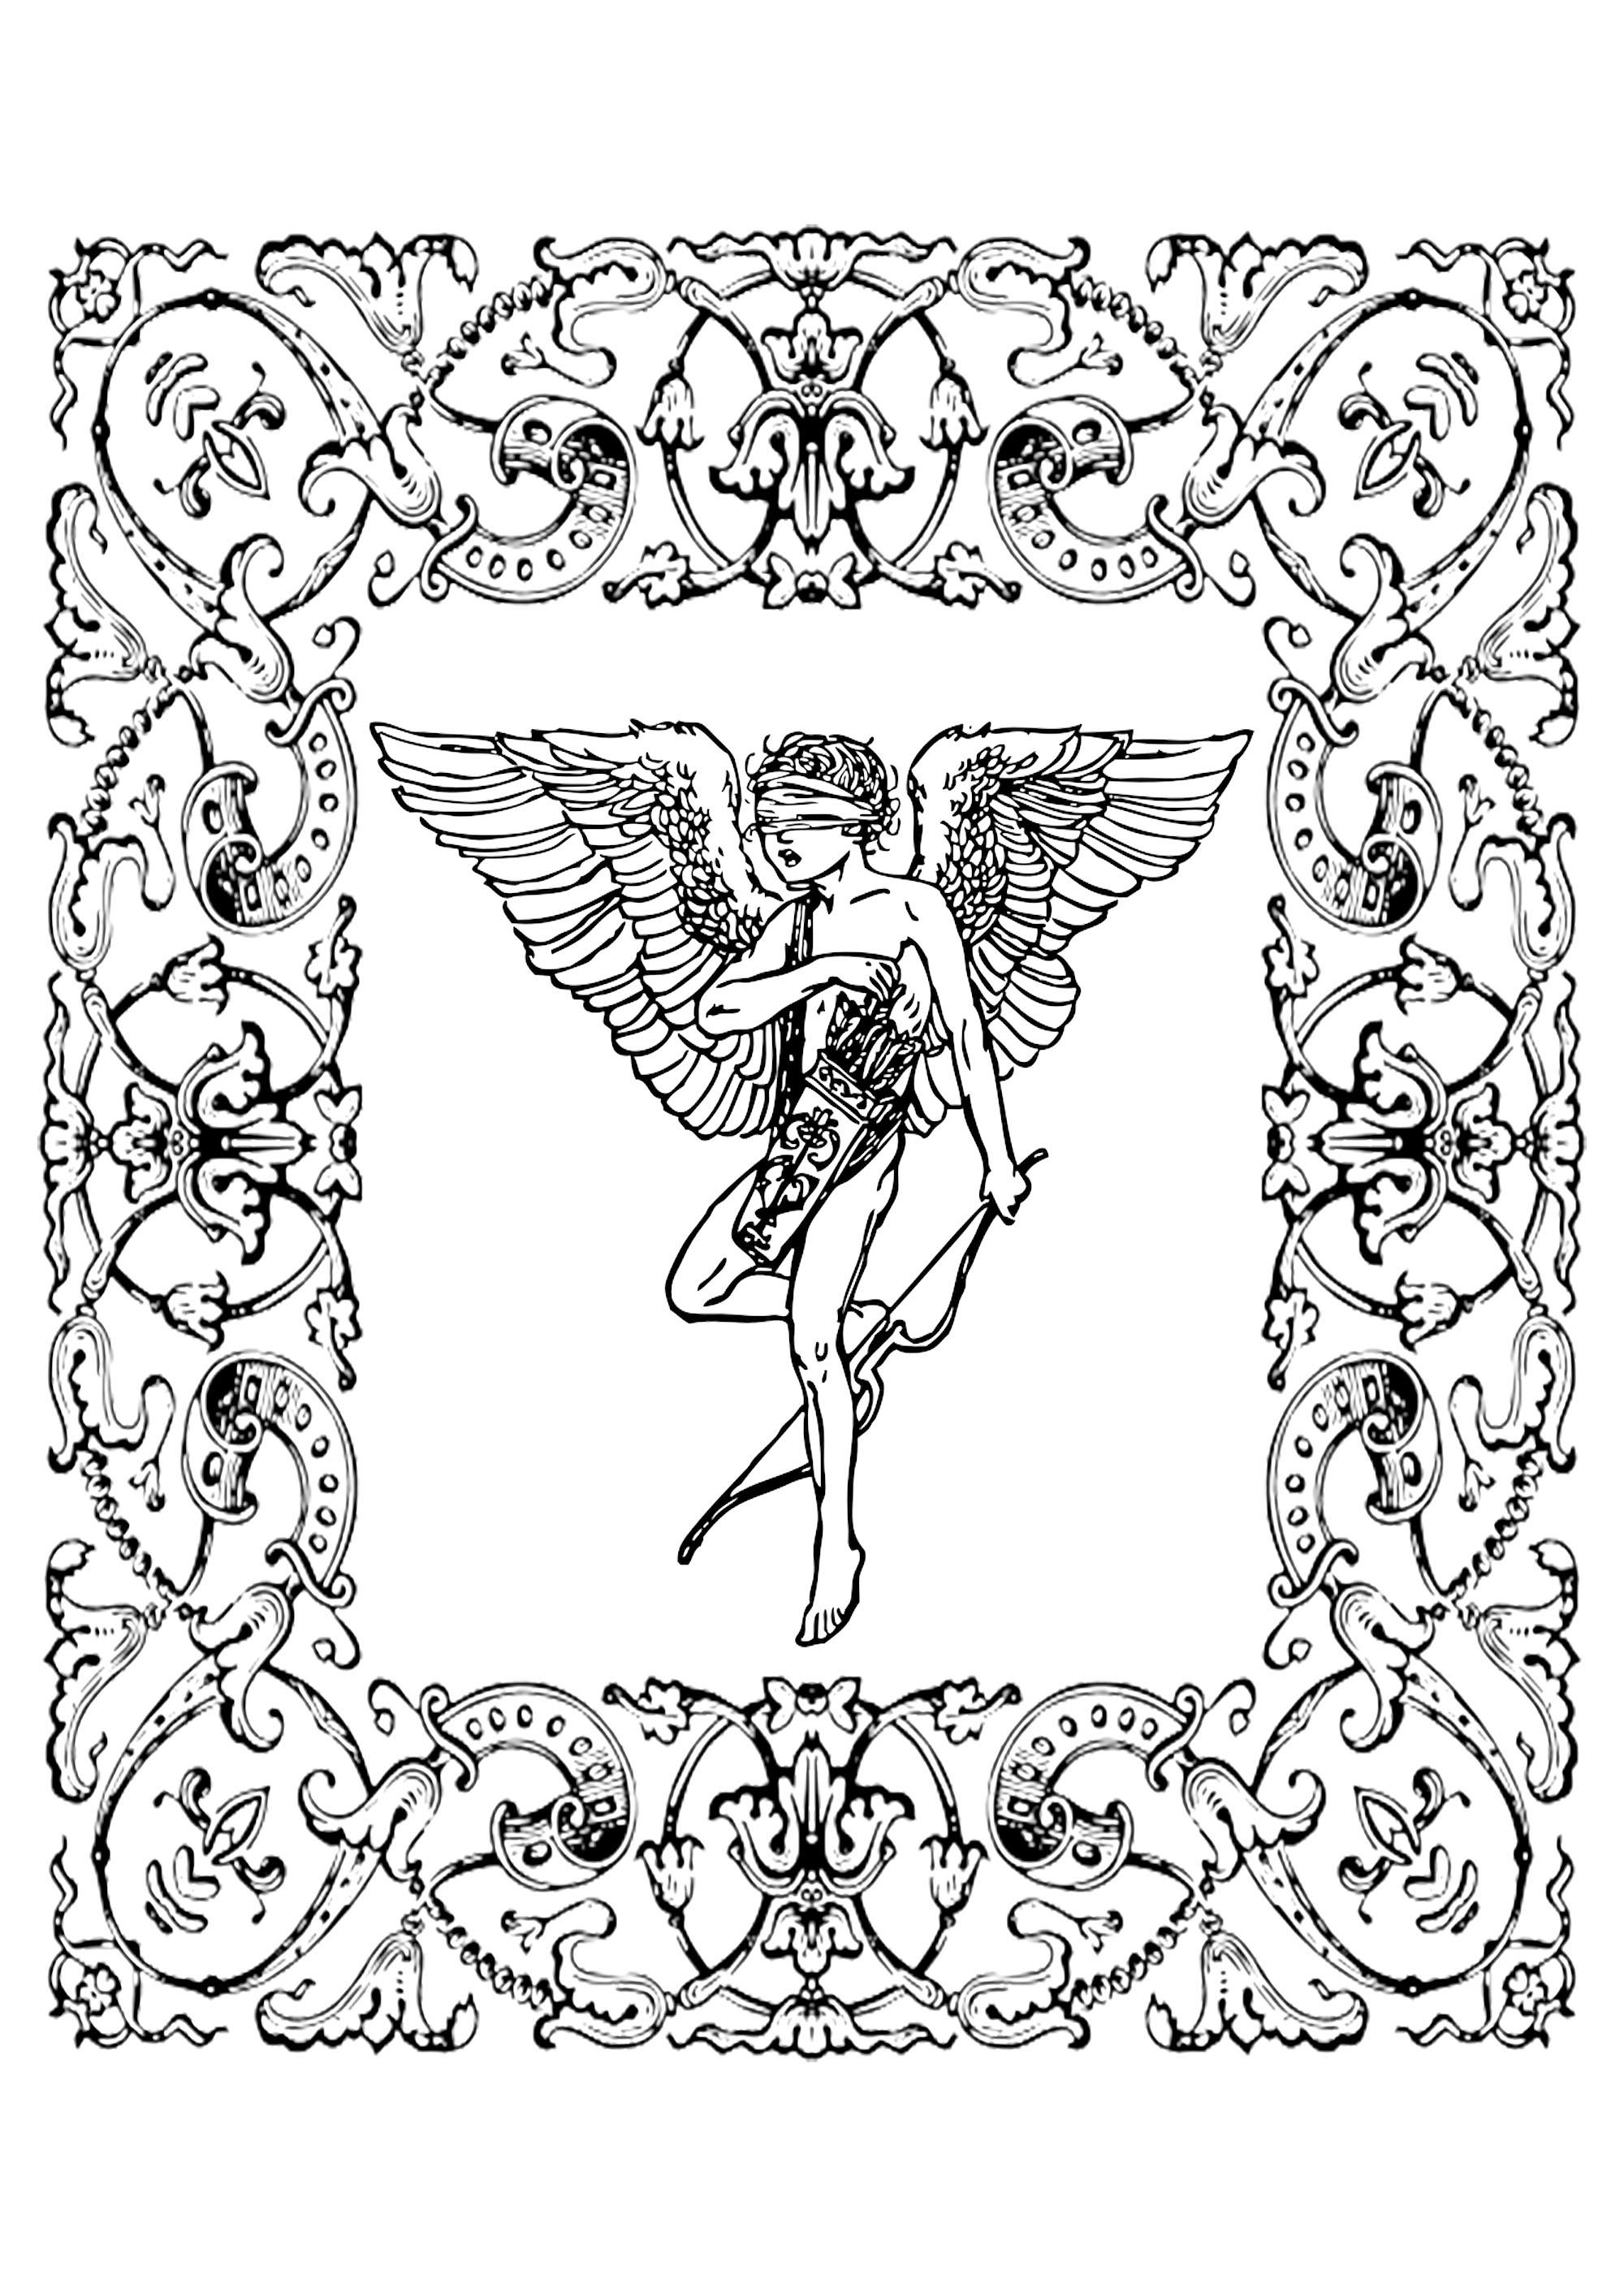 Dessin de Cupidon dans un cadre très vintage